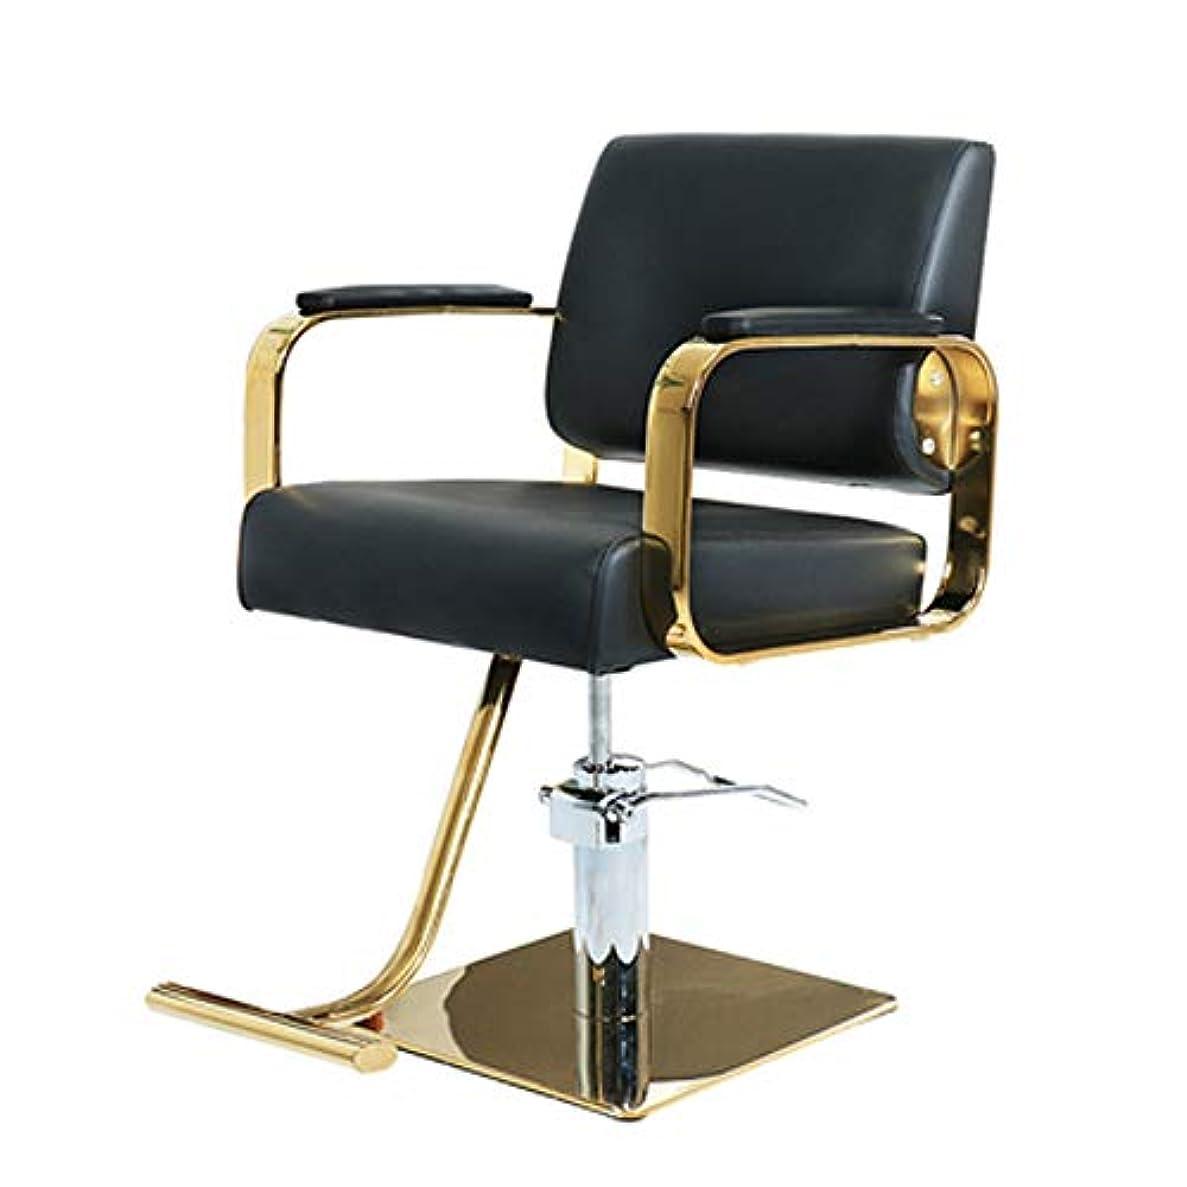 財団反逆八理髪アームチェア、ヘアスタイリスト用サロンチェア、ヘビーデューティタトゥー回転チェア、シャンプー美容、サロン機器